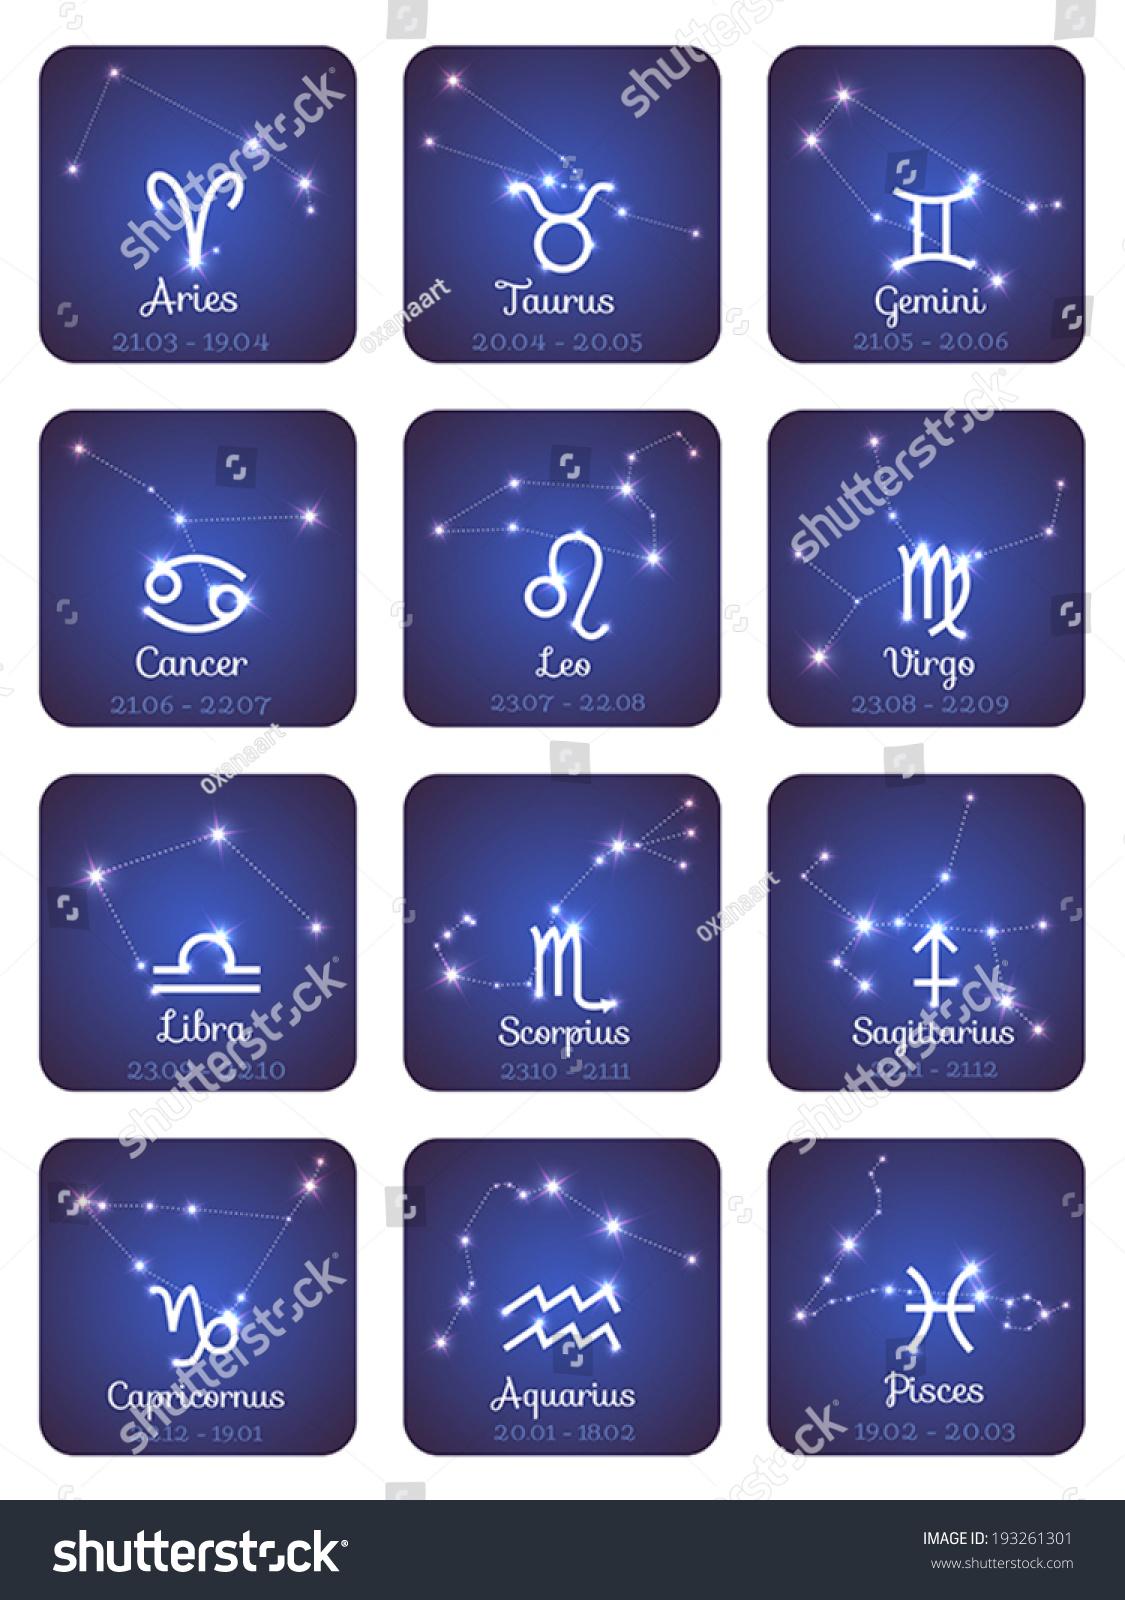 Symbol For Libra With Aquarius